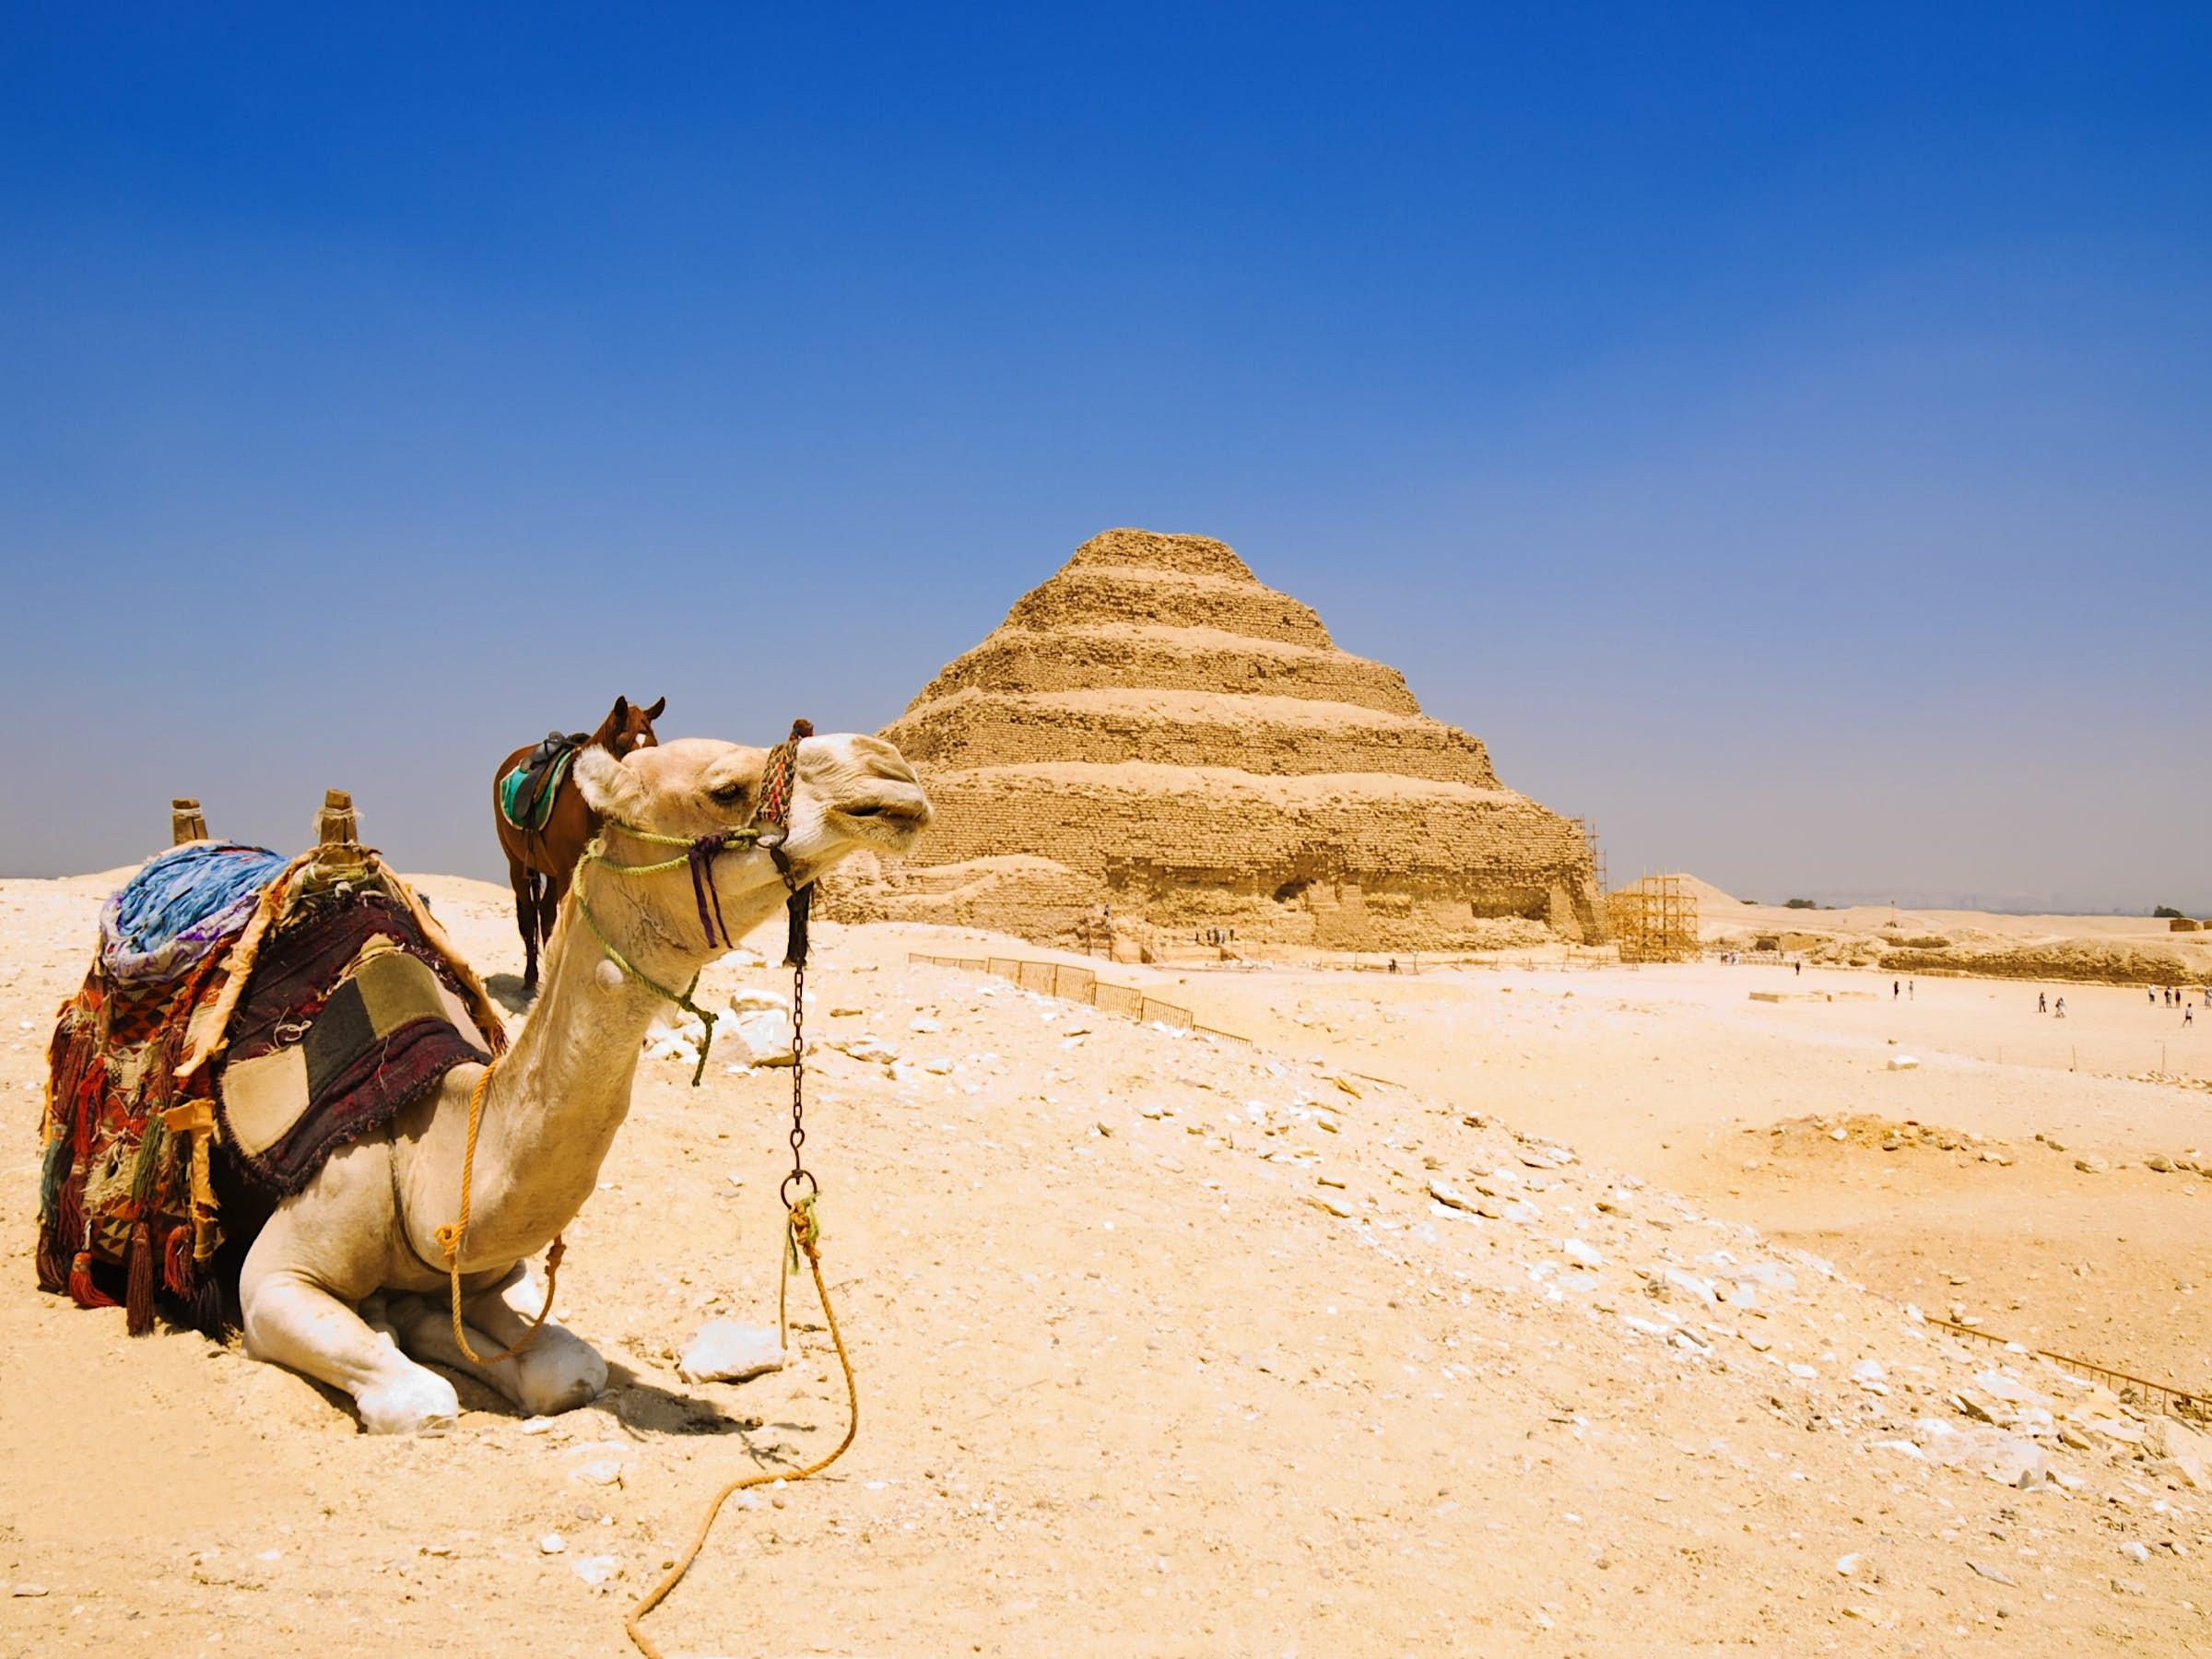 un camello frente a la pirámide escalonada Djoser antes de su restauración